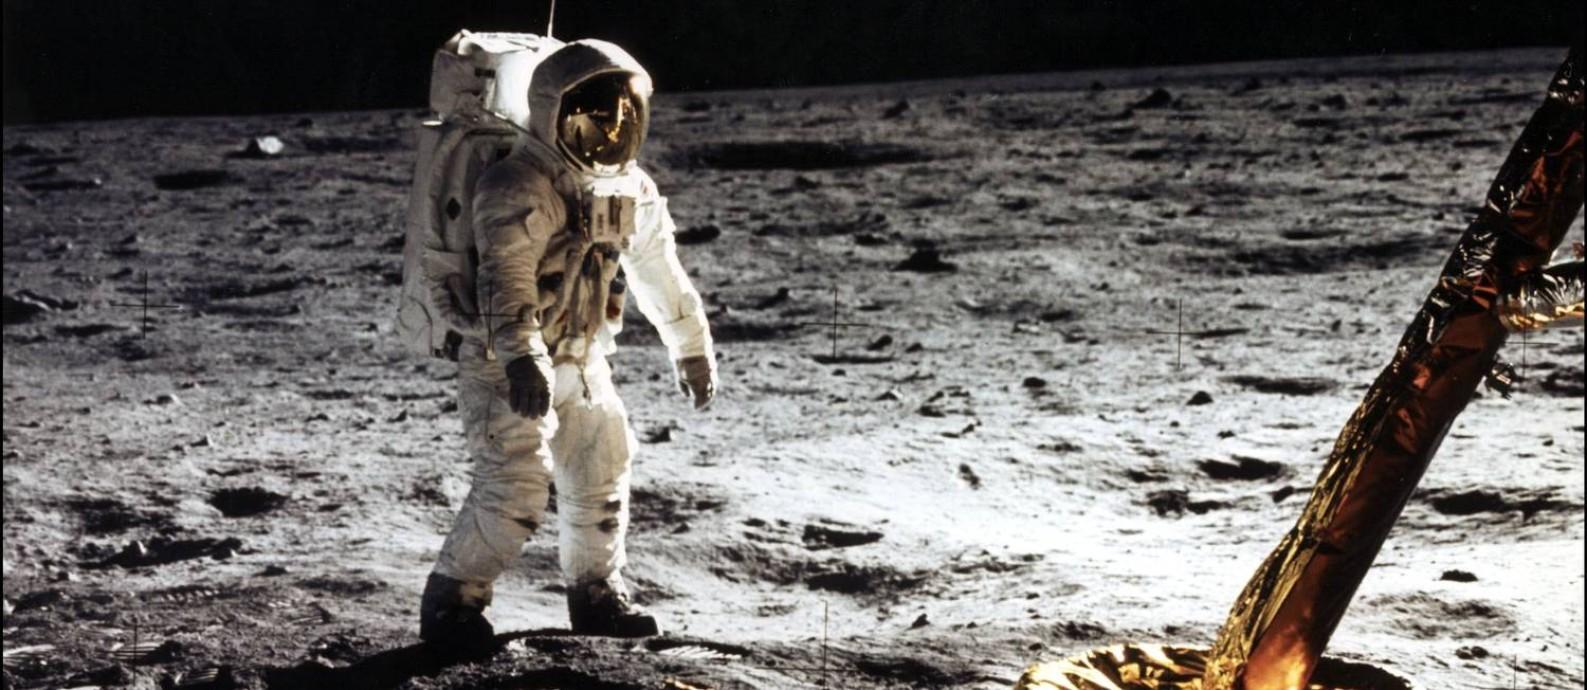 """Neil Armstrong, comandante da missão Apollo 11, fotografa o colega Edwin """"Buzz"""" Aldrin durante a primeira caminhada de um ser humano no solo lunar: a dupla ficou por mais de 21 horas lá, em feito que completa 50 anos Foto: Neil Amstrong / Nasa/AFP"""